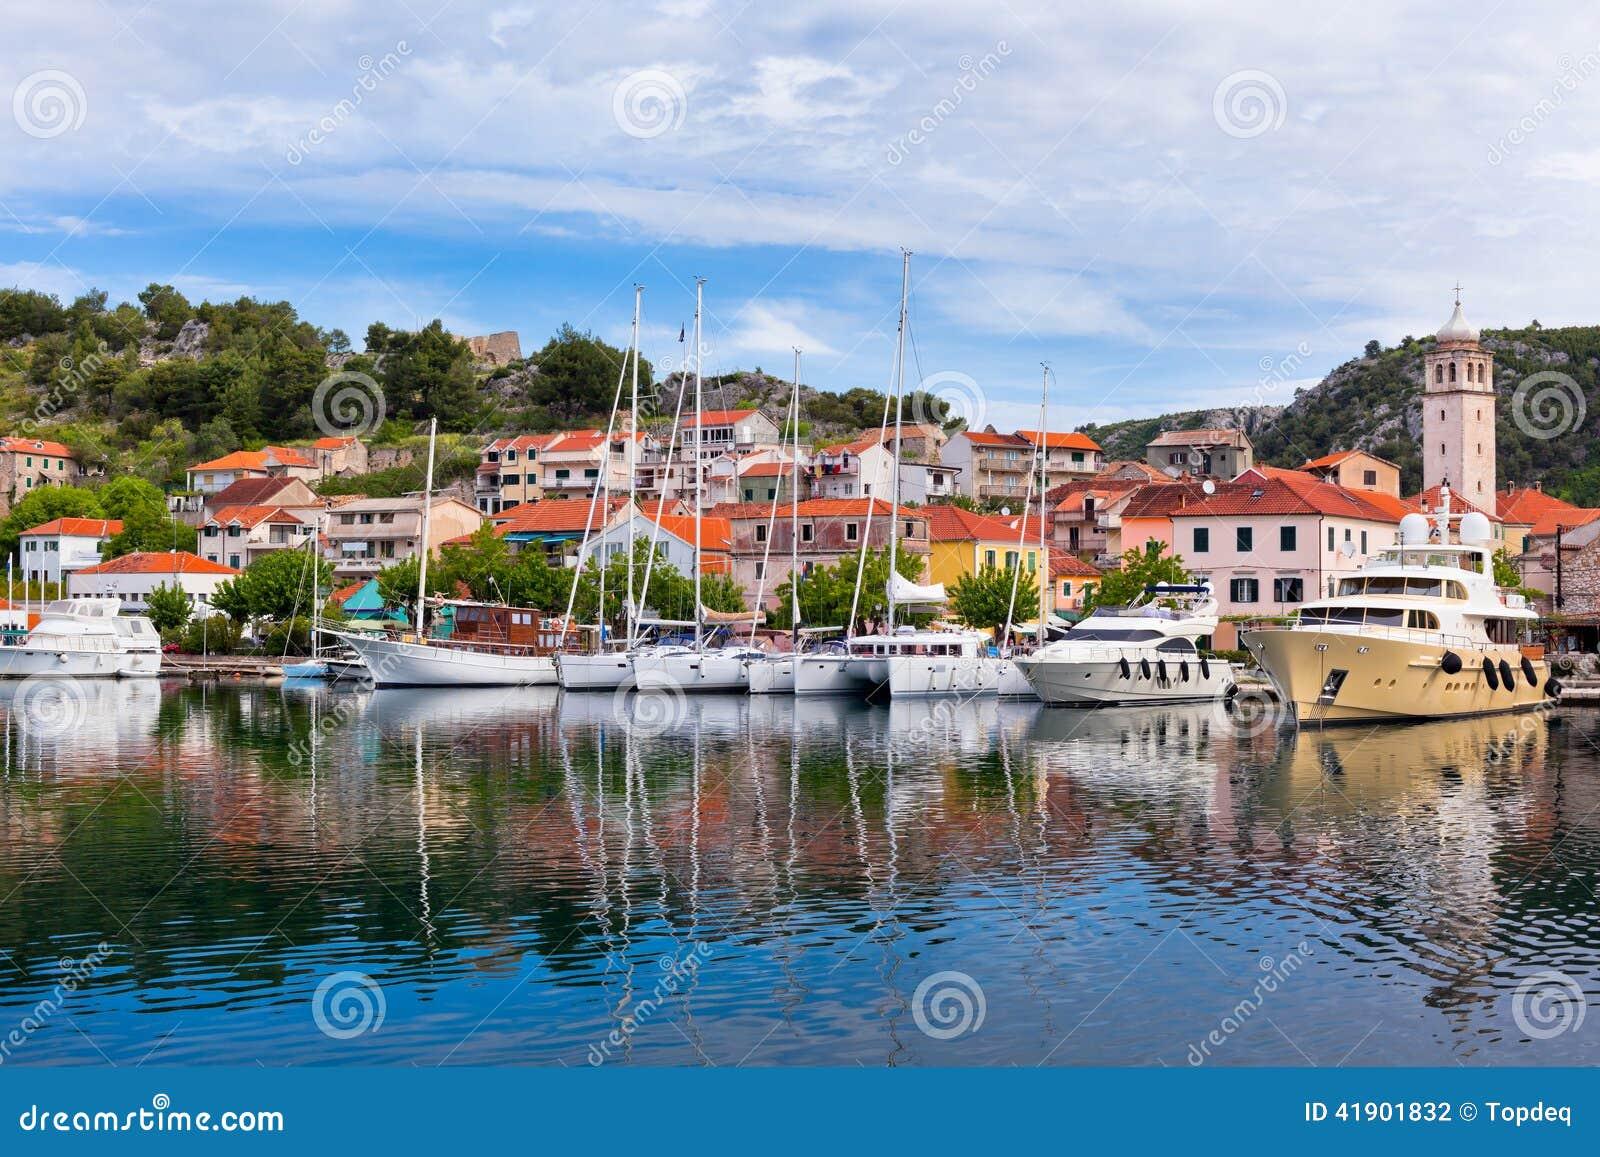 Skradin è una piccola città storica in Croazia